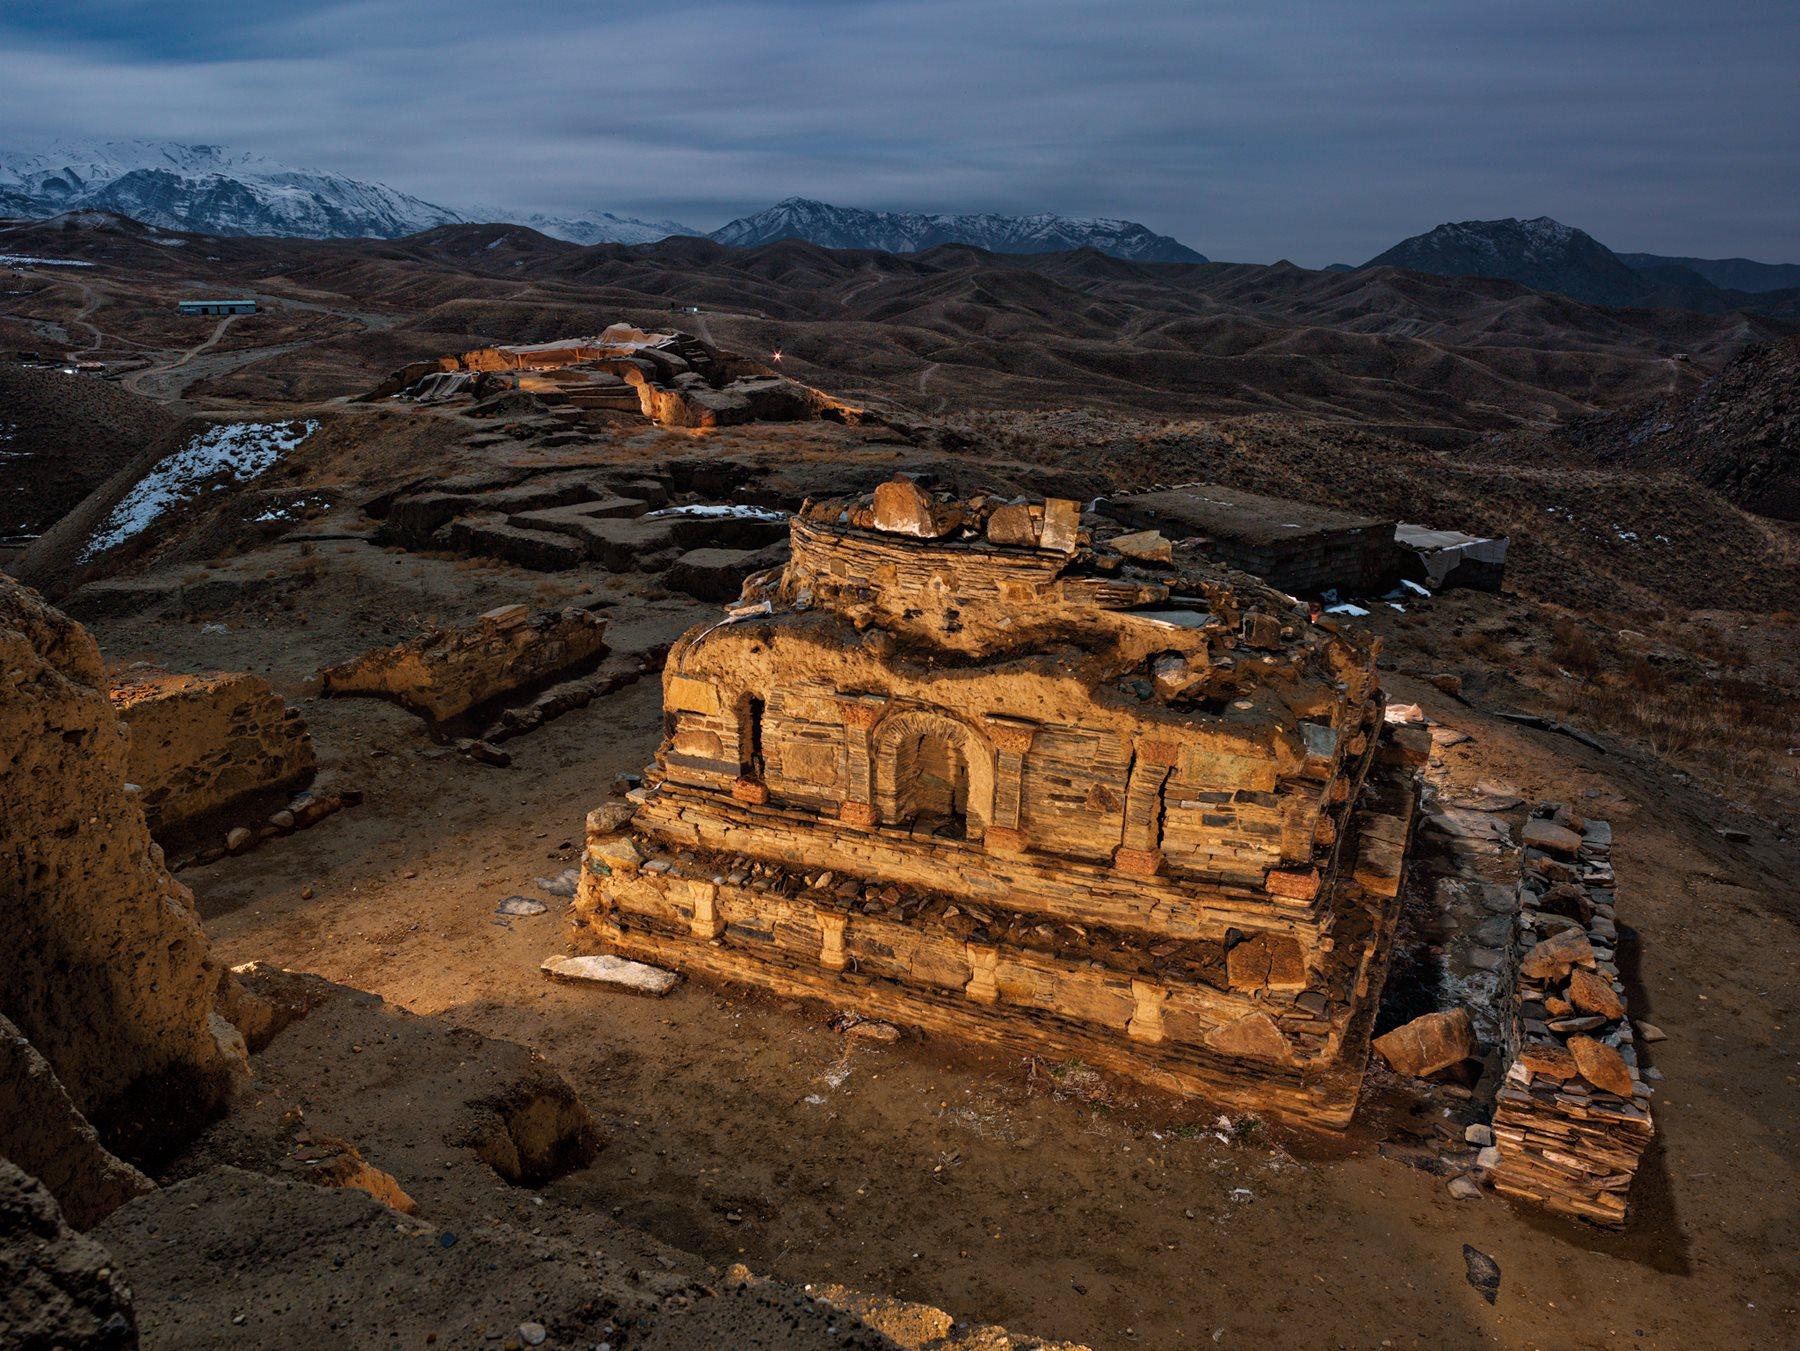 Santuario de piedra de Mes Aynak, en Afganistán